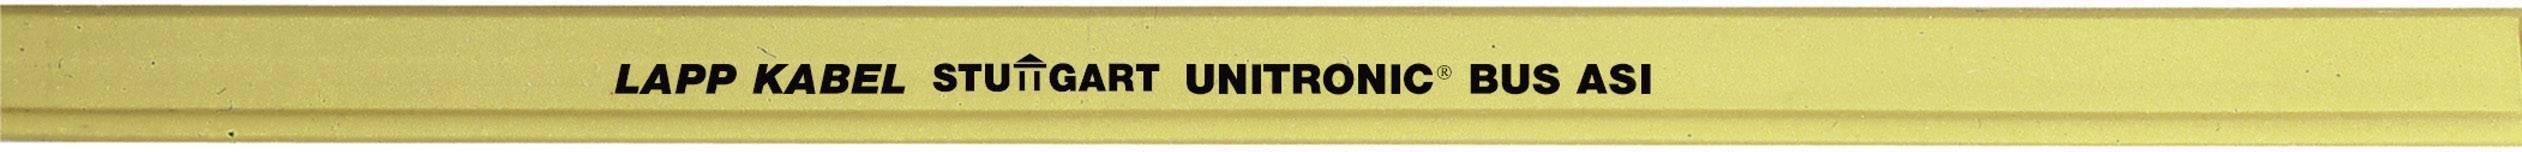 Sběrnicový kabel LappKabel UNITRONIC BUS ASI (G) (2170228)